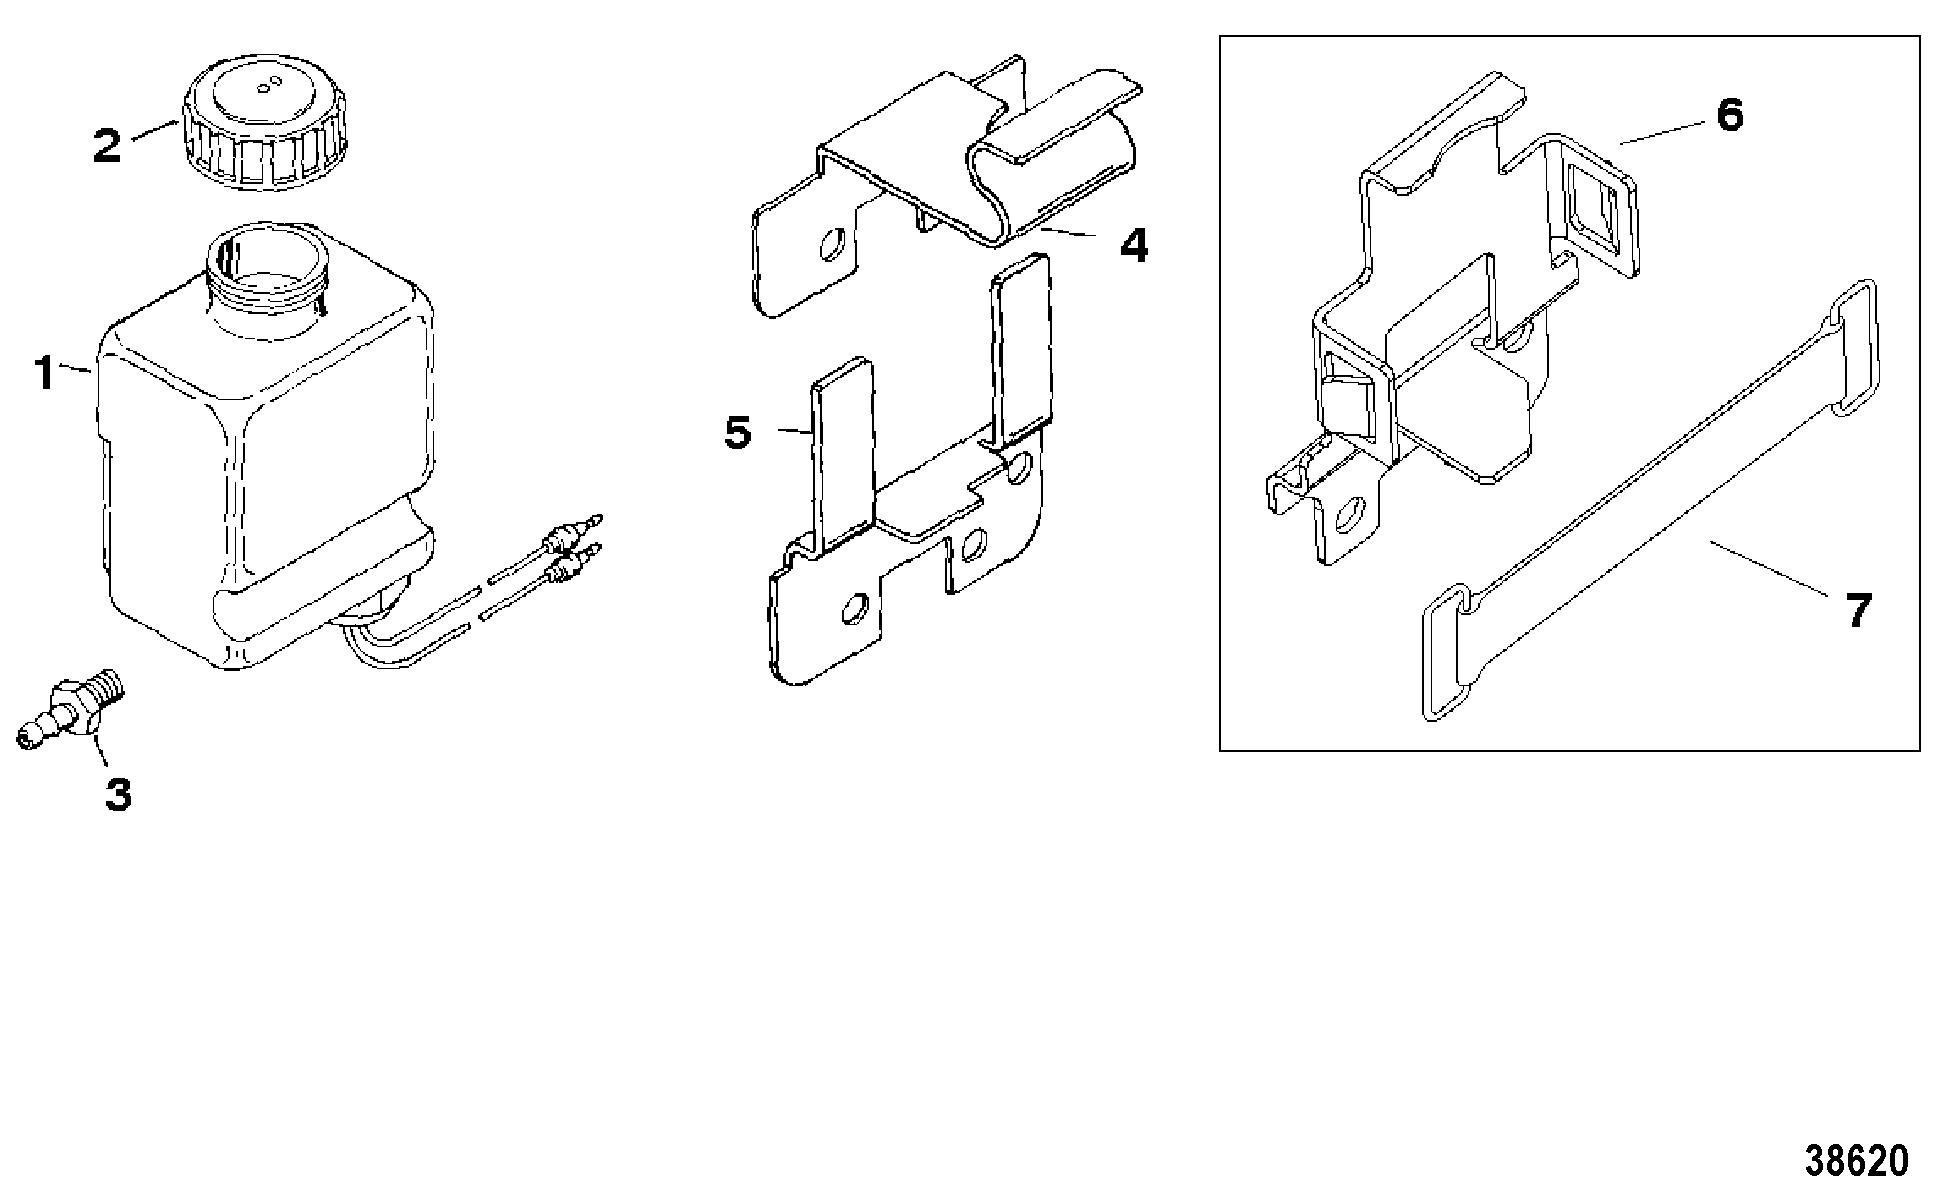 Mercruiser 7 4lx Bravo Mpi